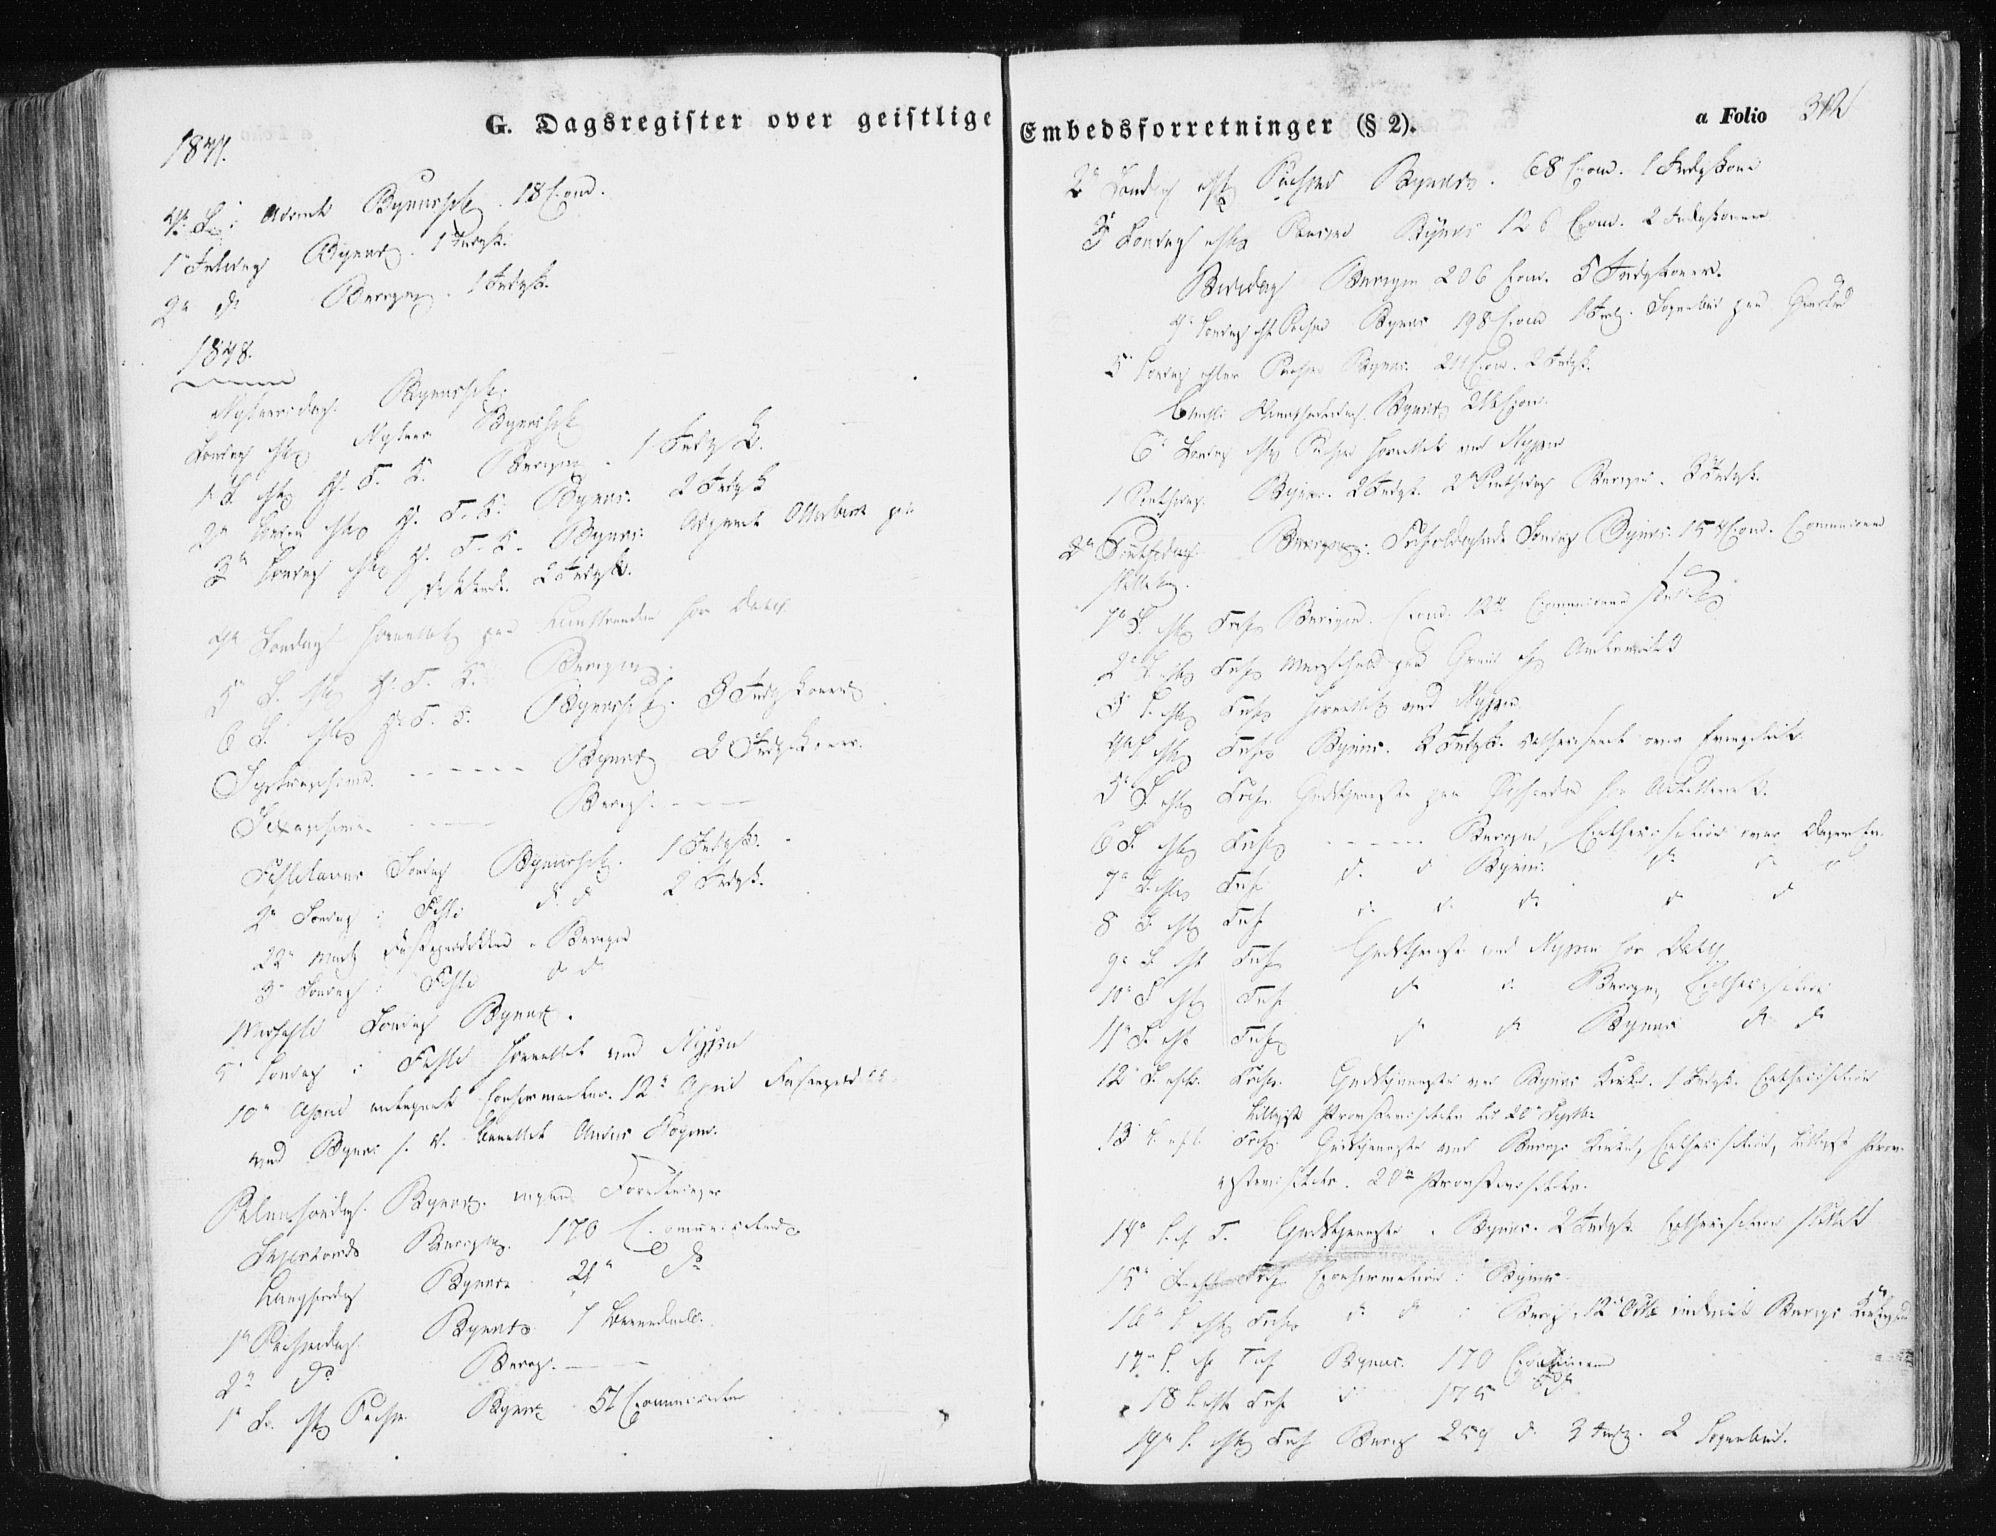 SAT, Ministerialprotokoller, klokkerbøker og fødselsregistre - Sør-Trøndelag, 612/L0376: Ministerialbok nr. 612A08, 1846-1859, s. 312